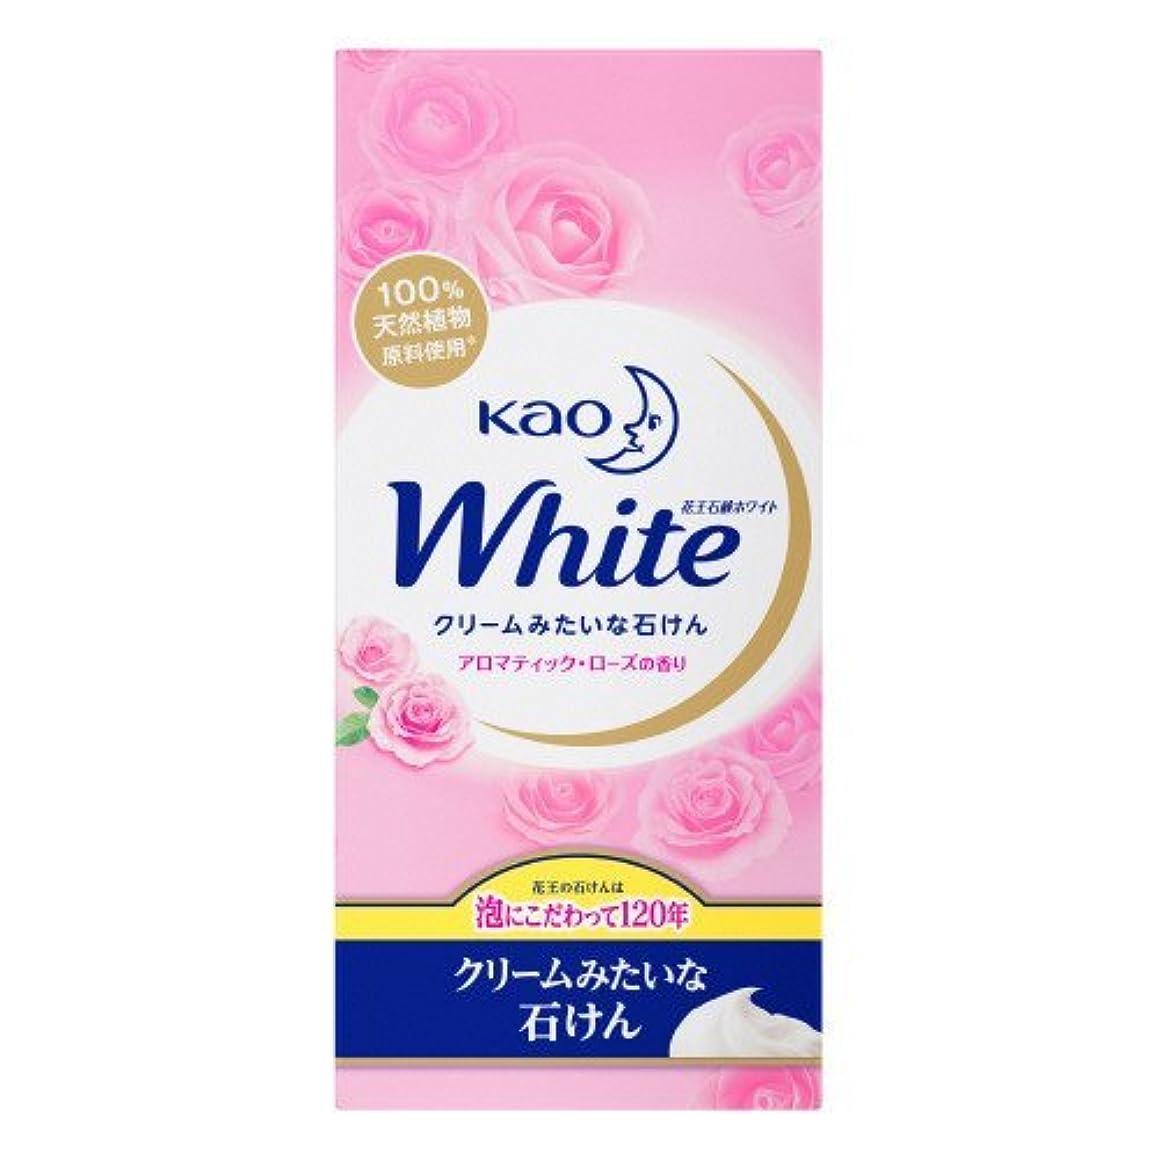 アッティカス本質的ではない調査【花王】花王ホワイト アロマティックローズの香りレギュラーサイズ (85g×6個) ×20個セット